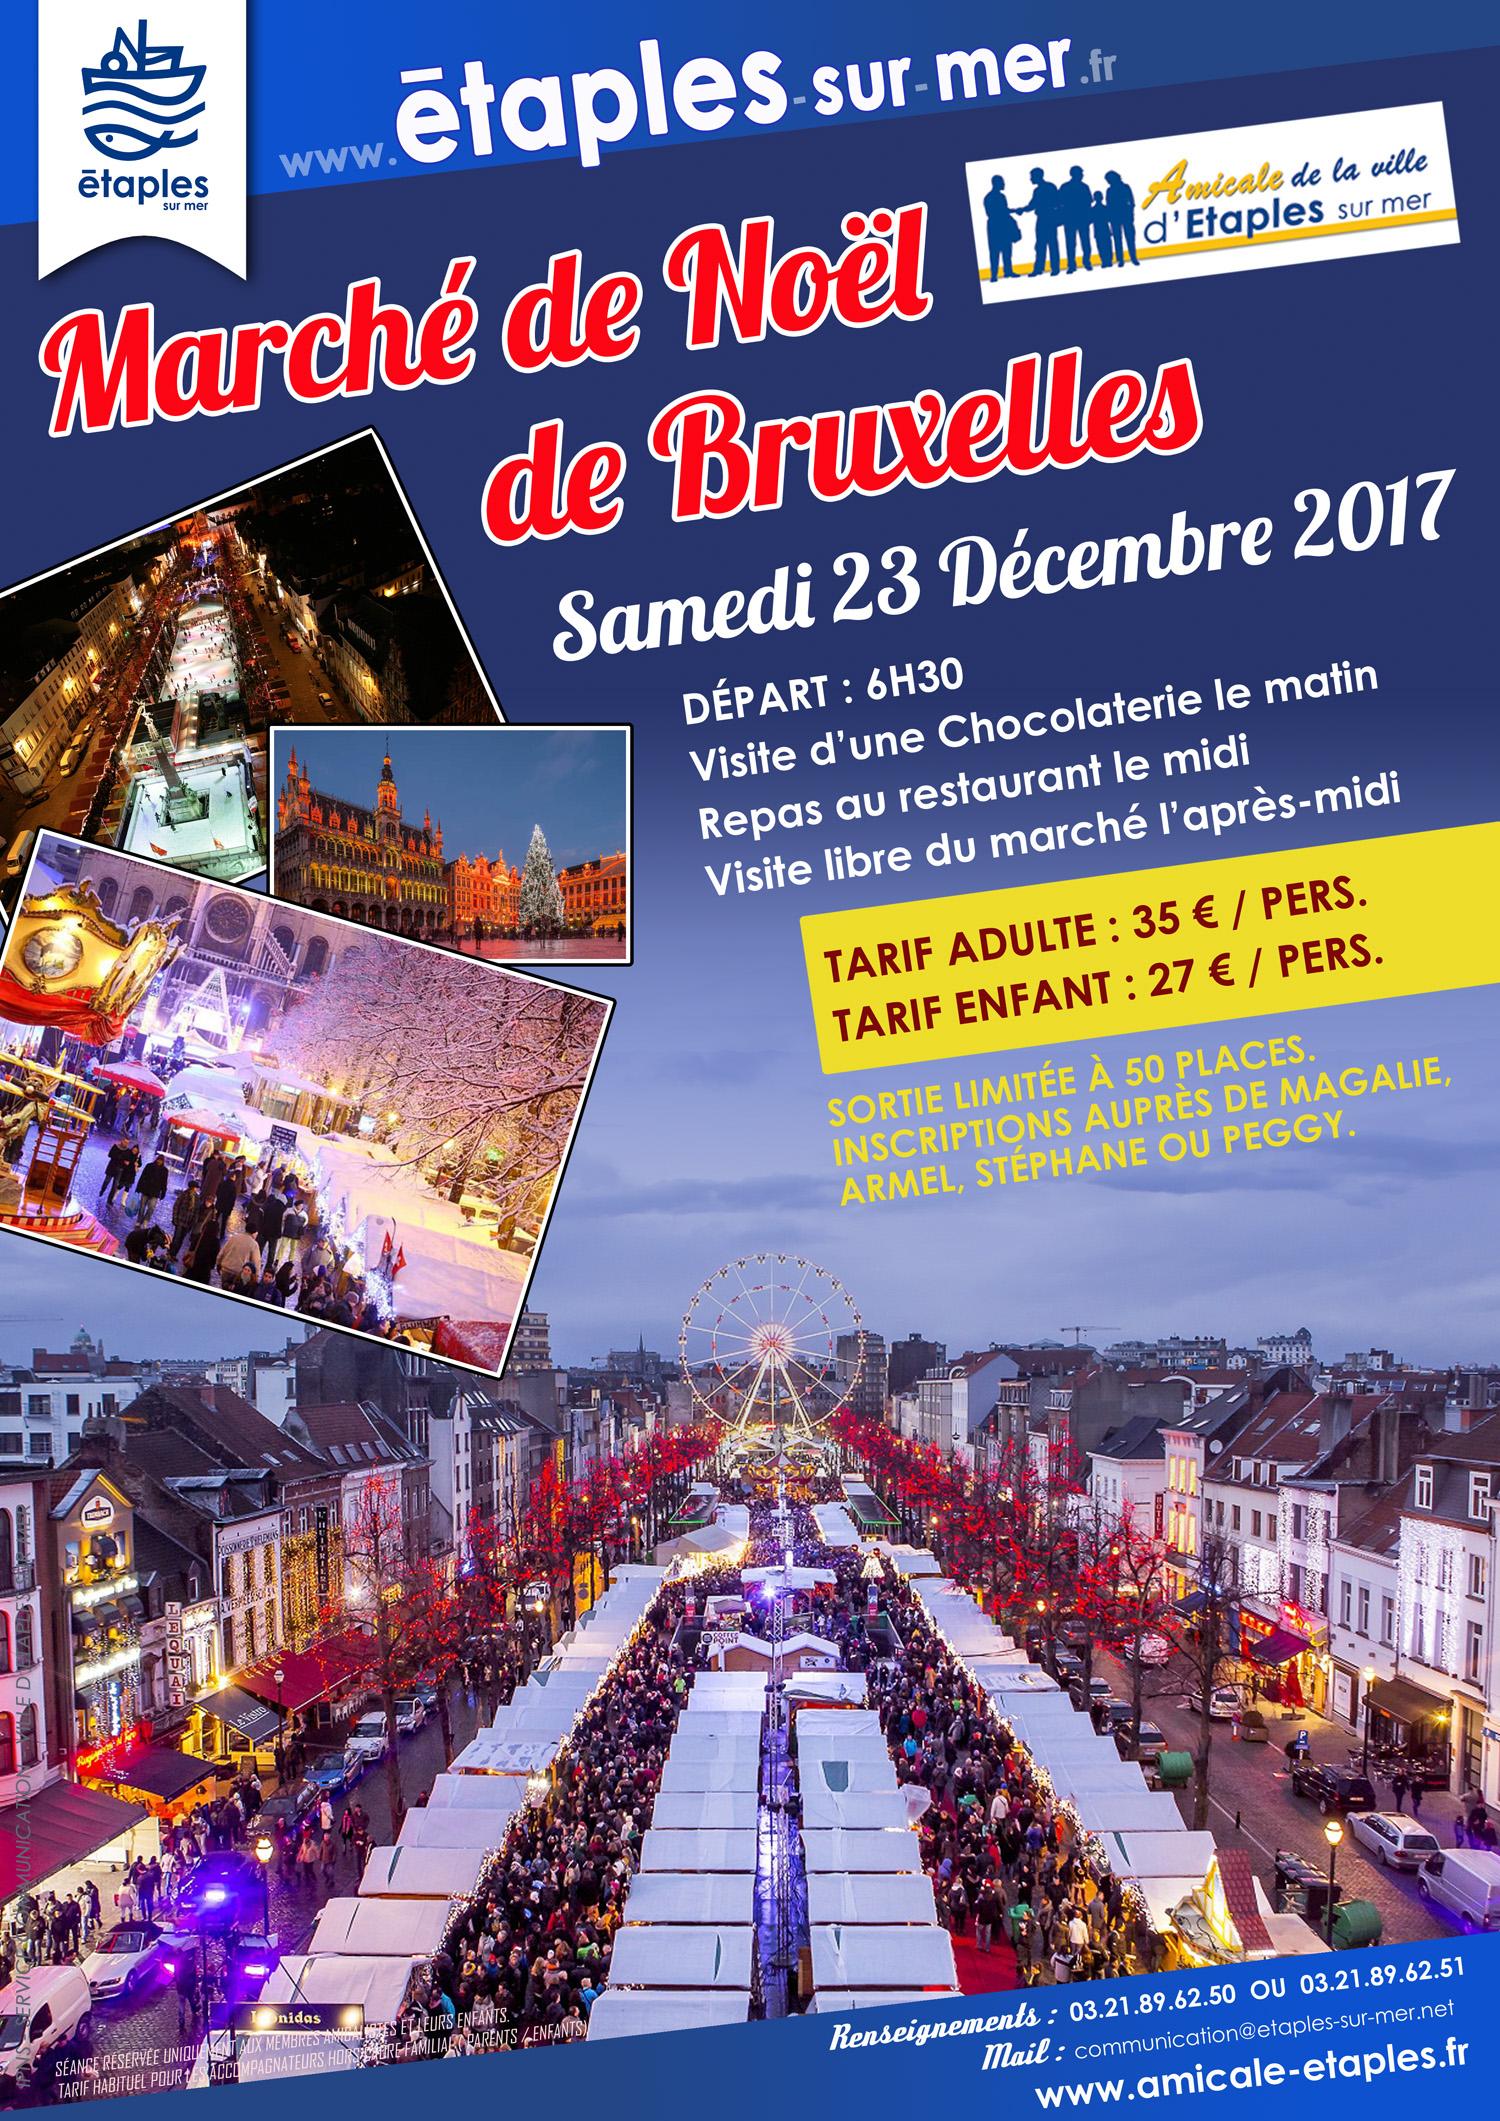 marché de noel bruxelles 2018 inscription Journée au marché de Noël de Bruxelles | Amicale de la ville d  marché de noel bruxelles 2018 inscription